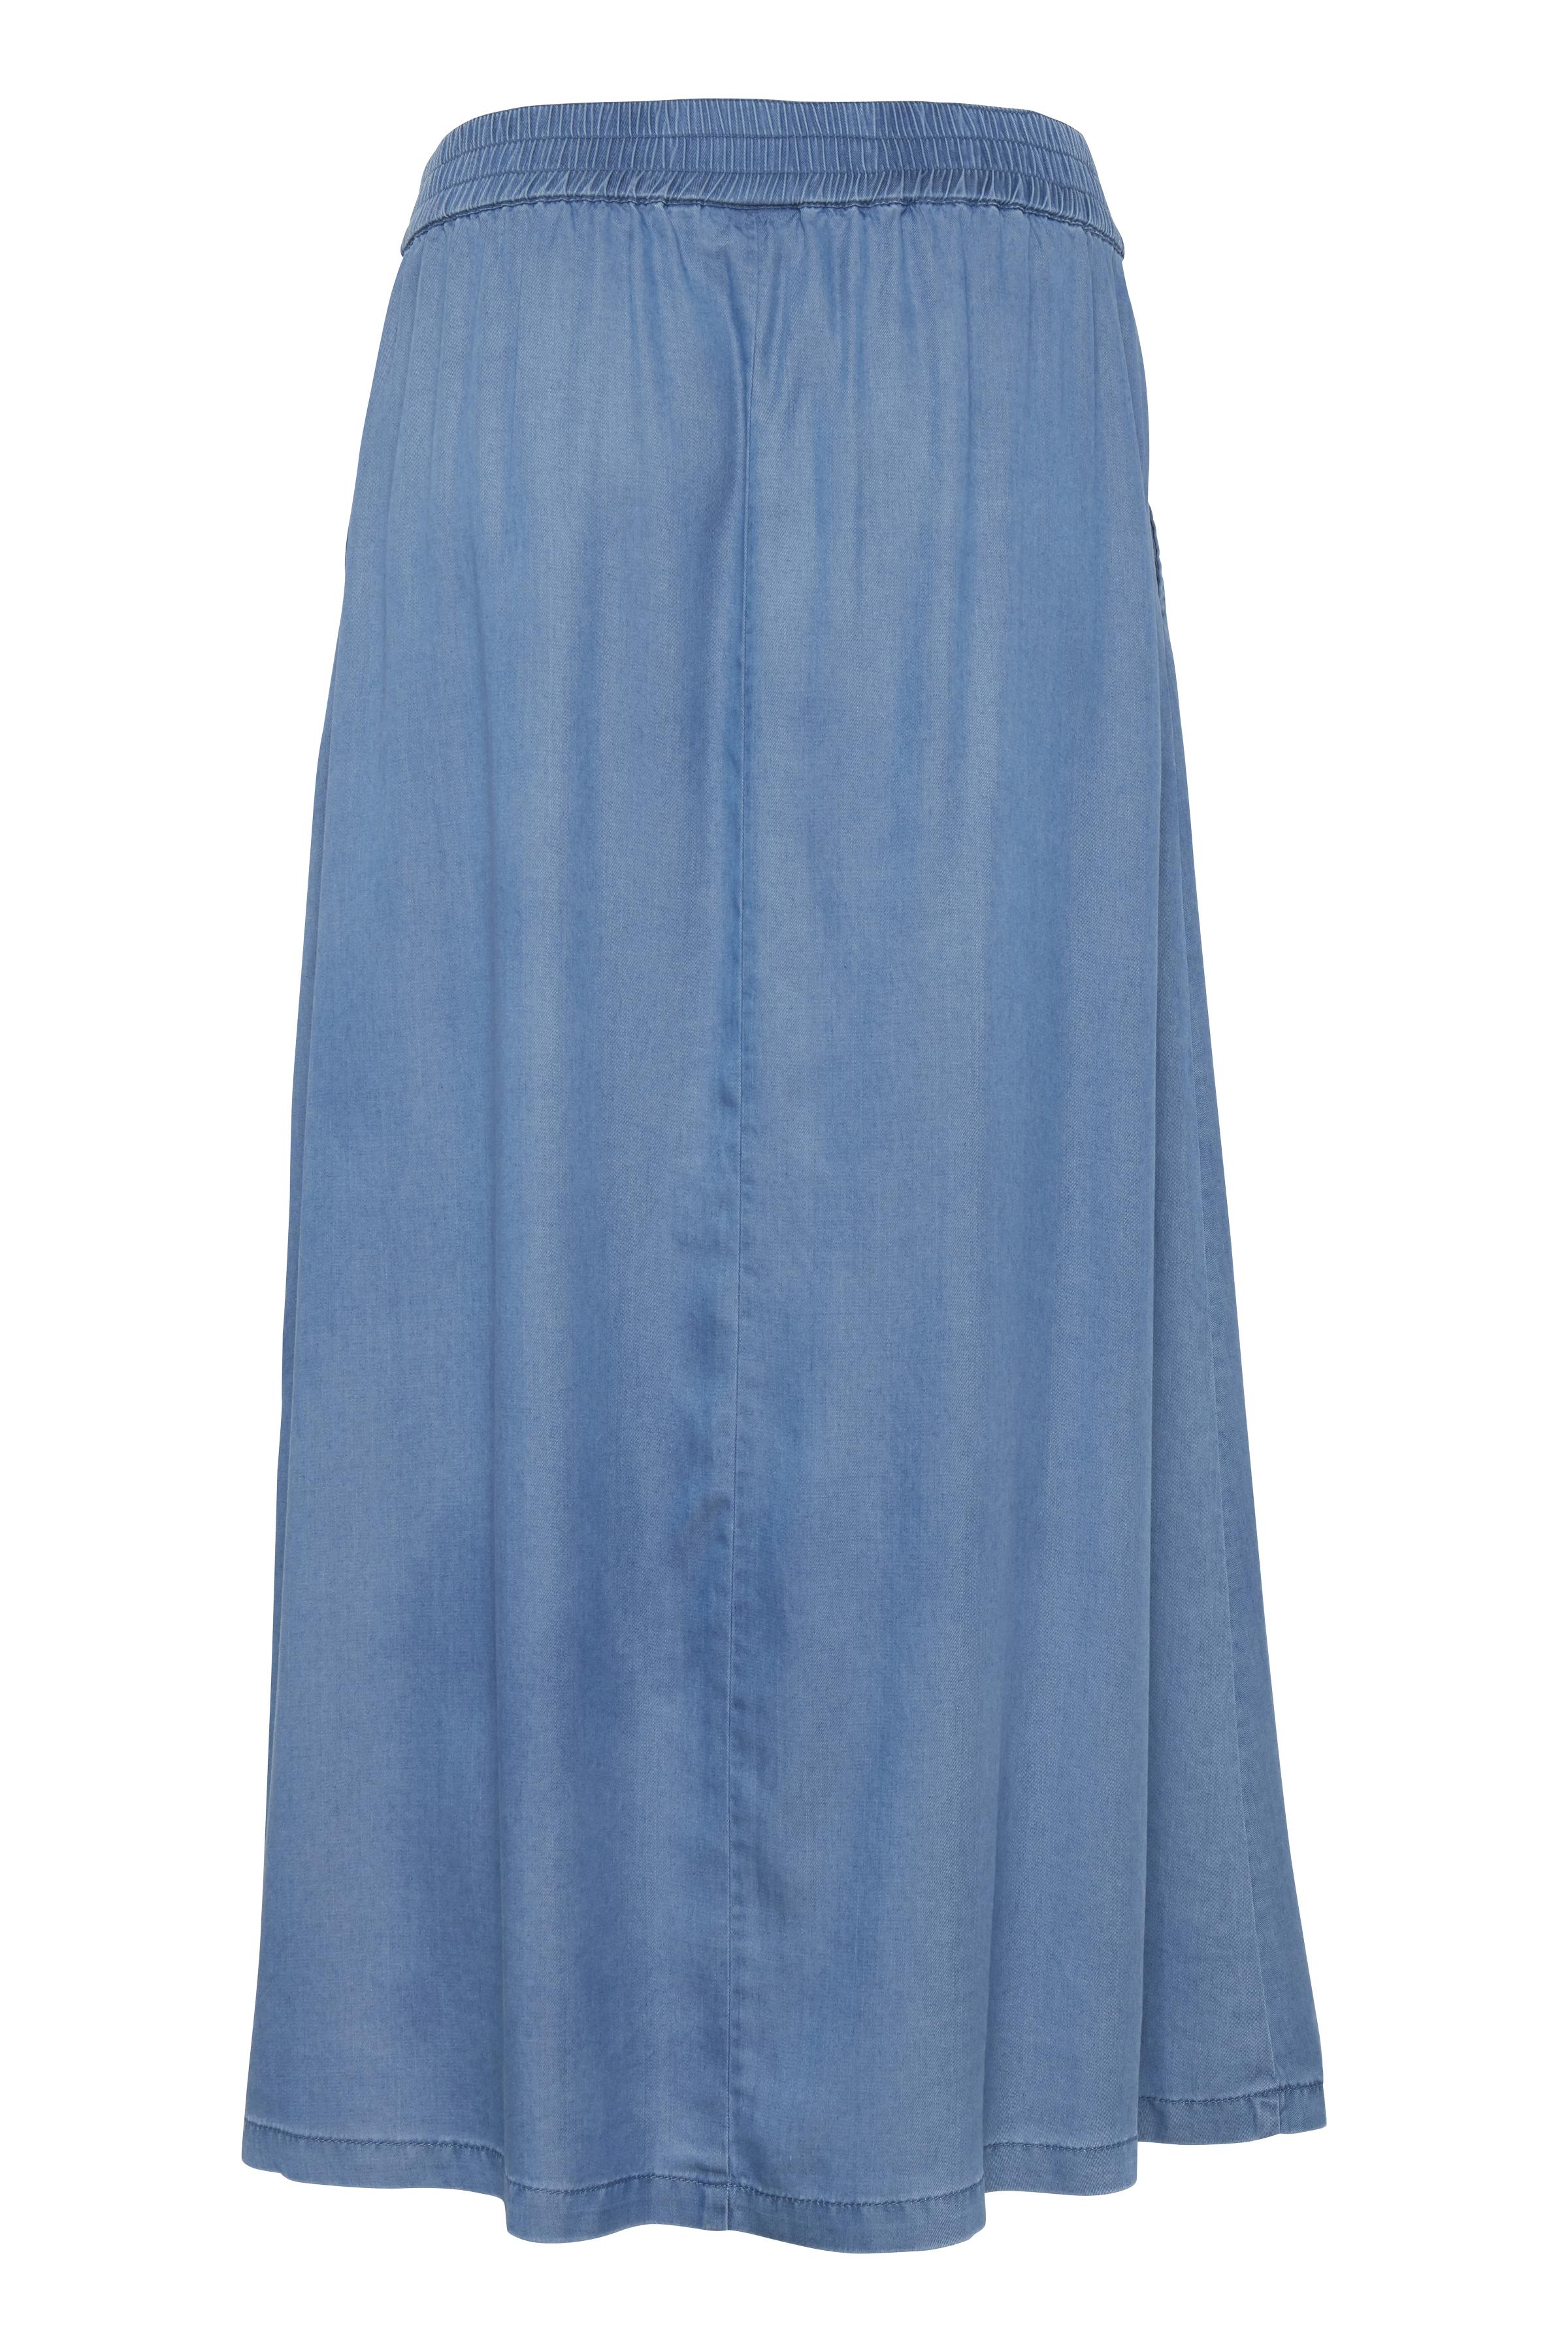 Med. Blue Denim Nederdel fra b.young – Køb Med. Blue Denim Nederdel fra str. 34-44 her